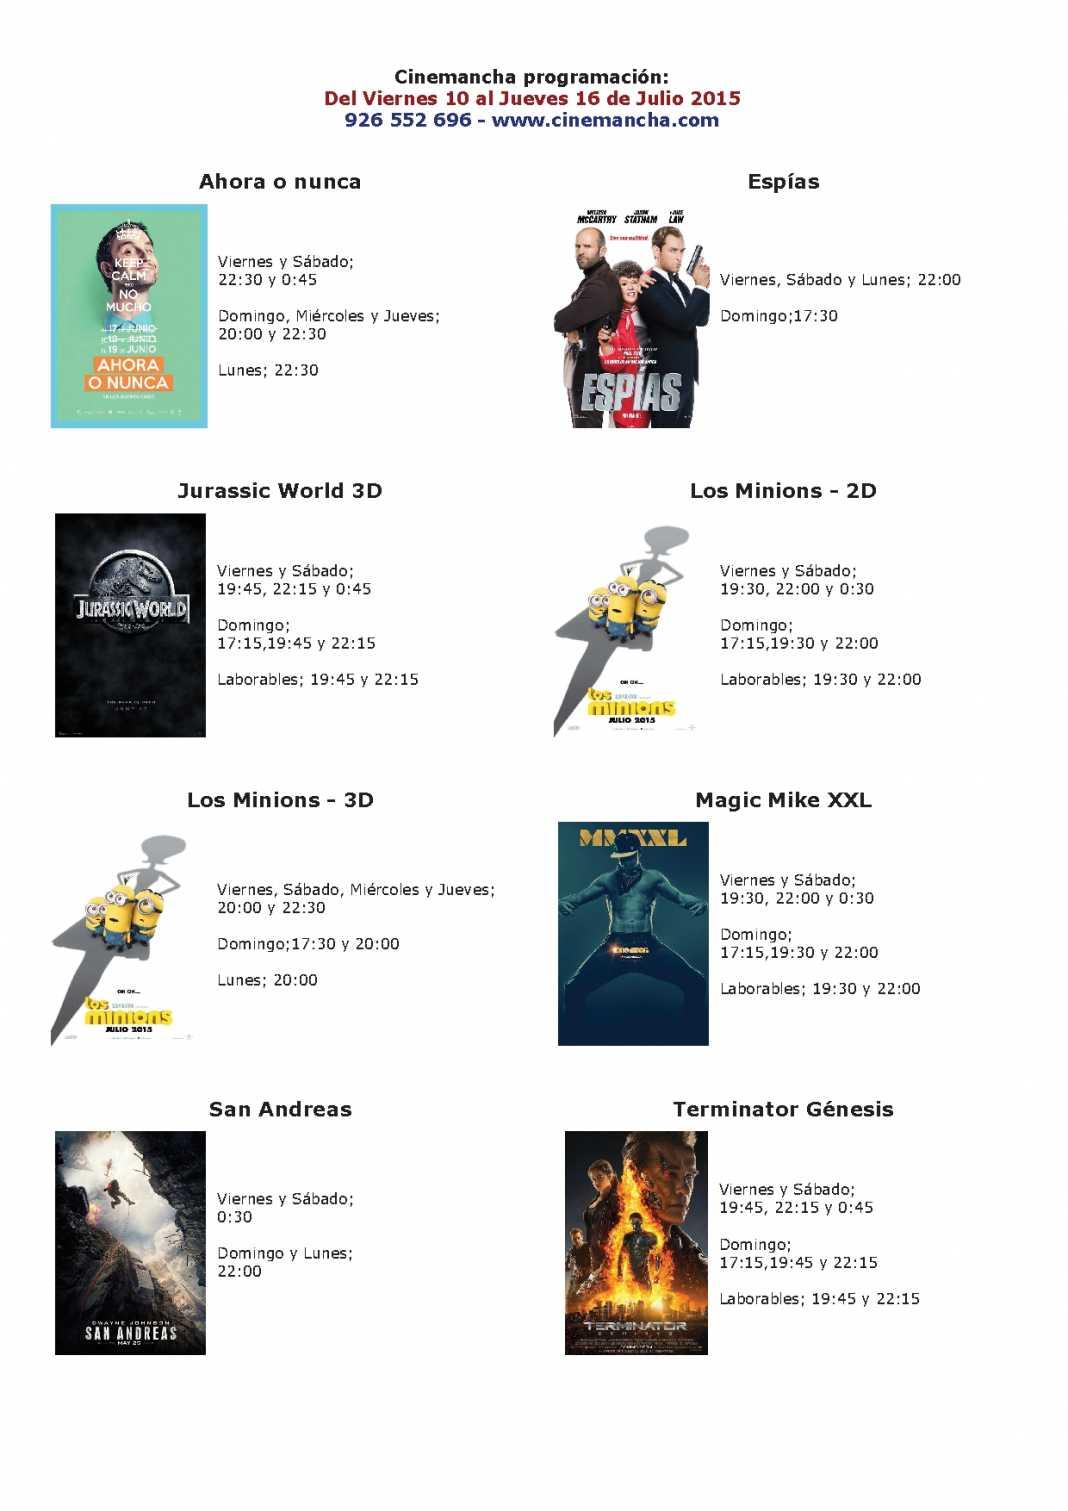 Cinemancha cartelera: Del 10 al 16 de Julio 2015 1